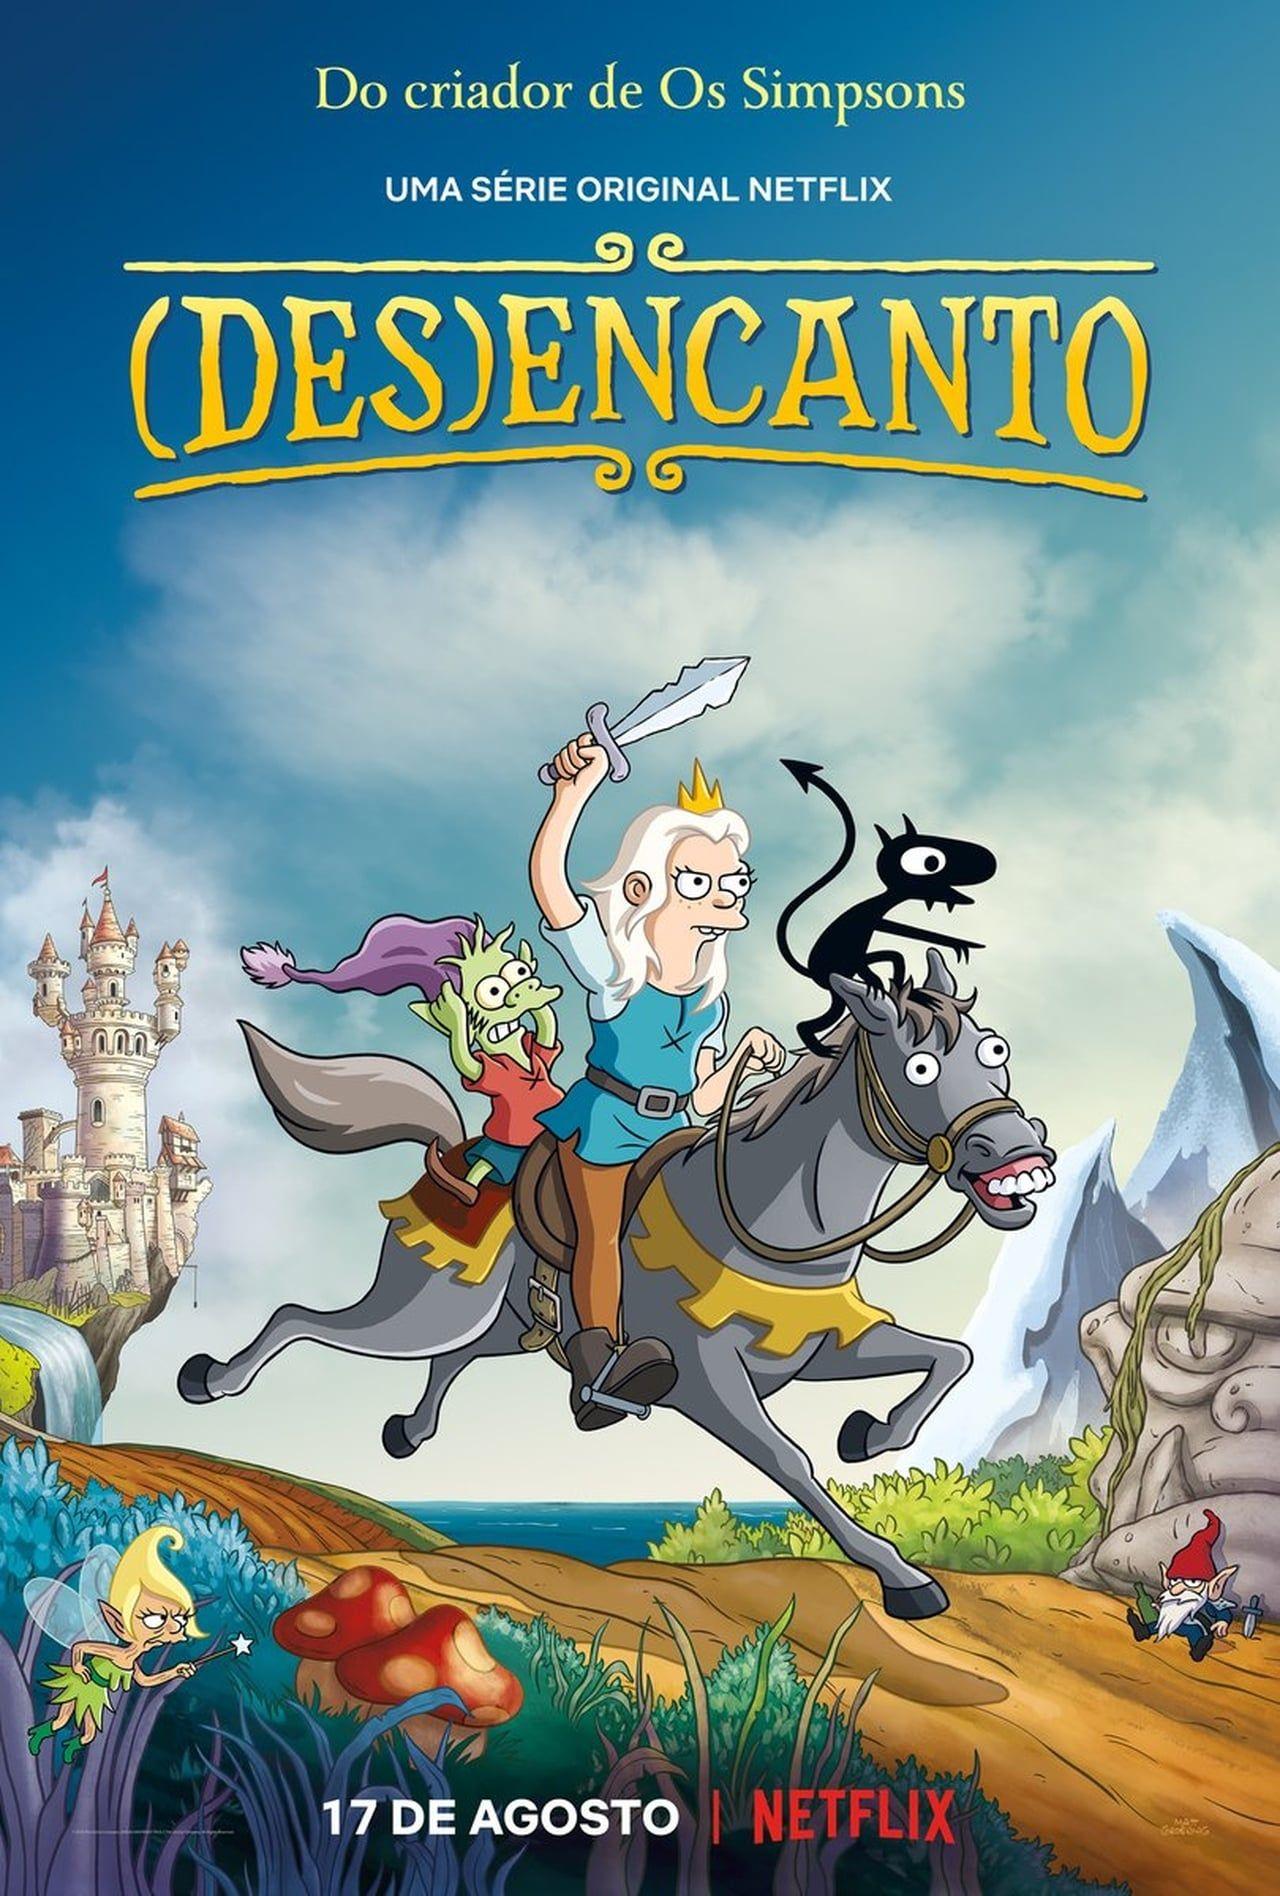 Assistir Des Encanto Online Gratis Hd 720p Dublado E Legendado